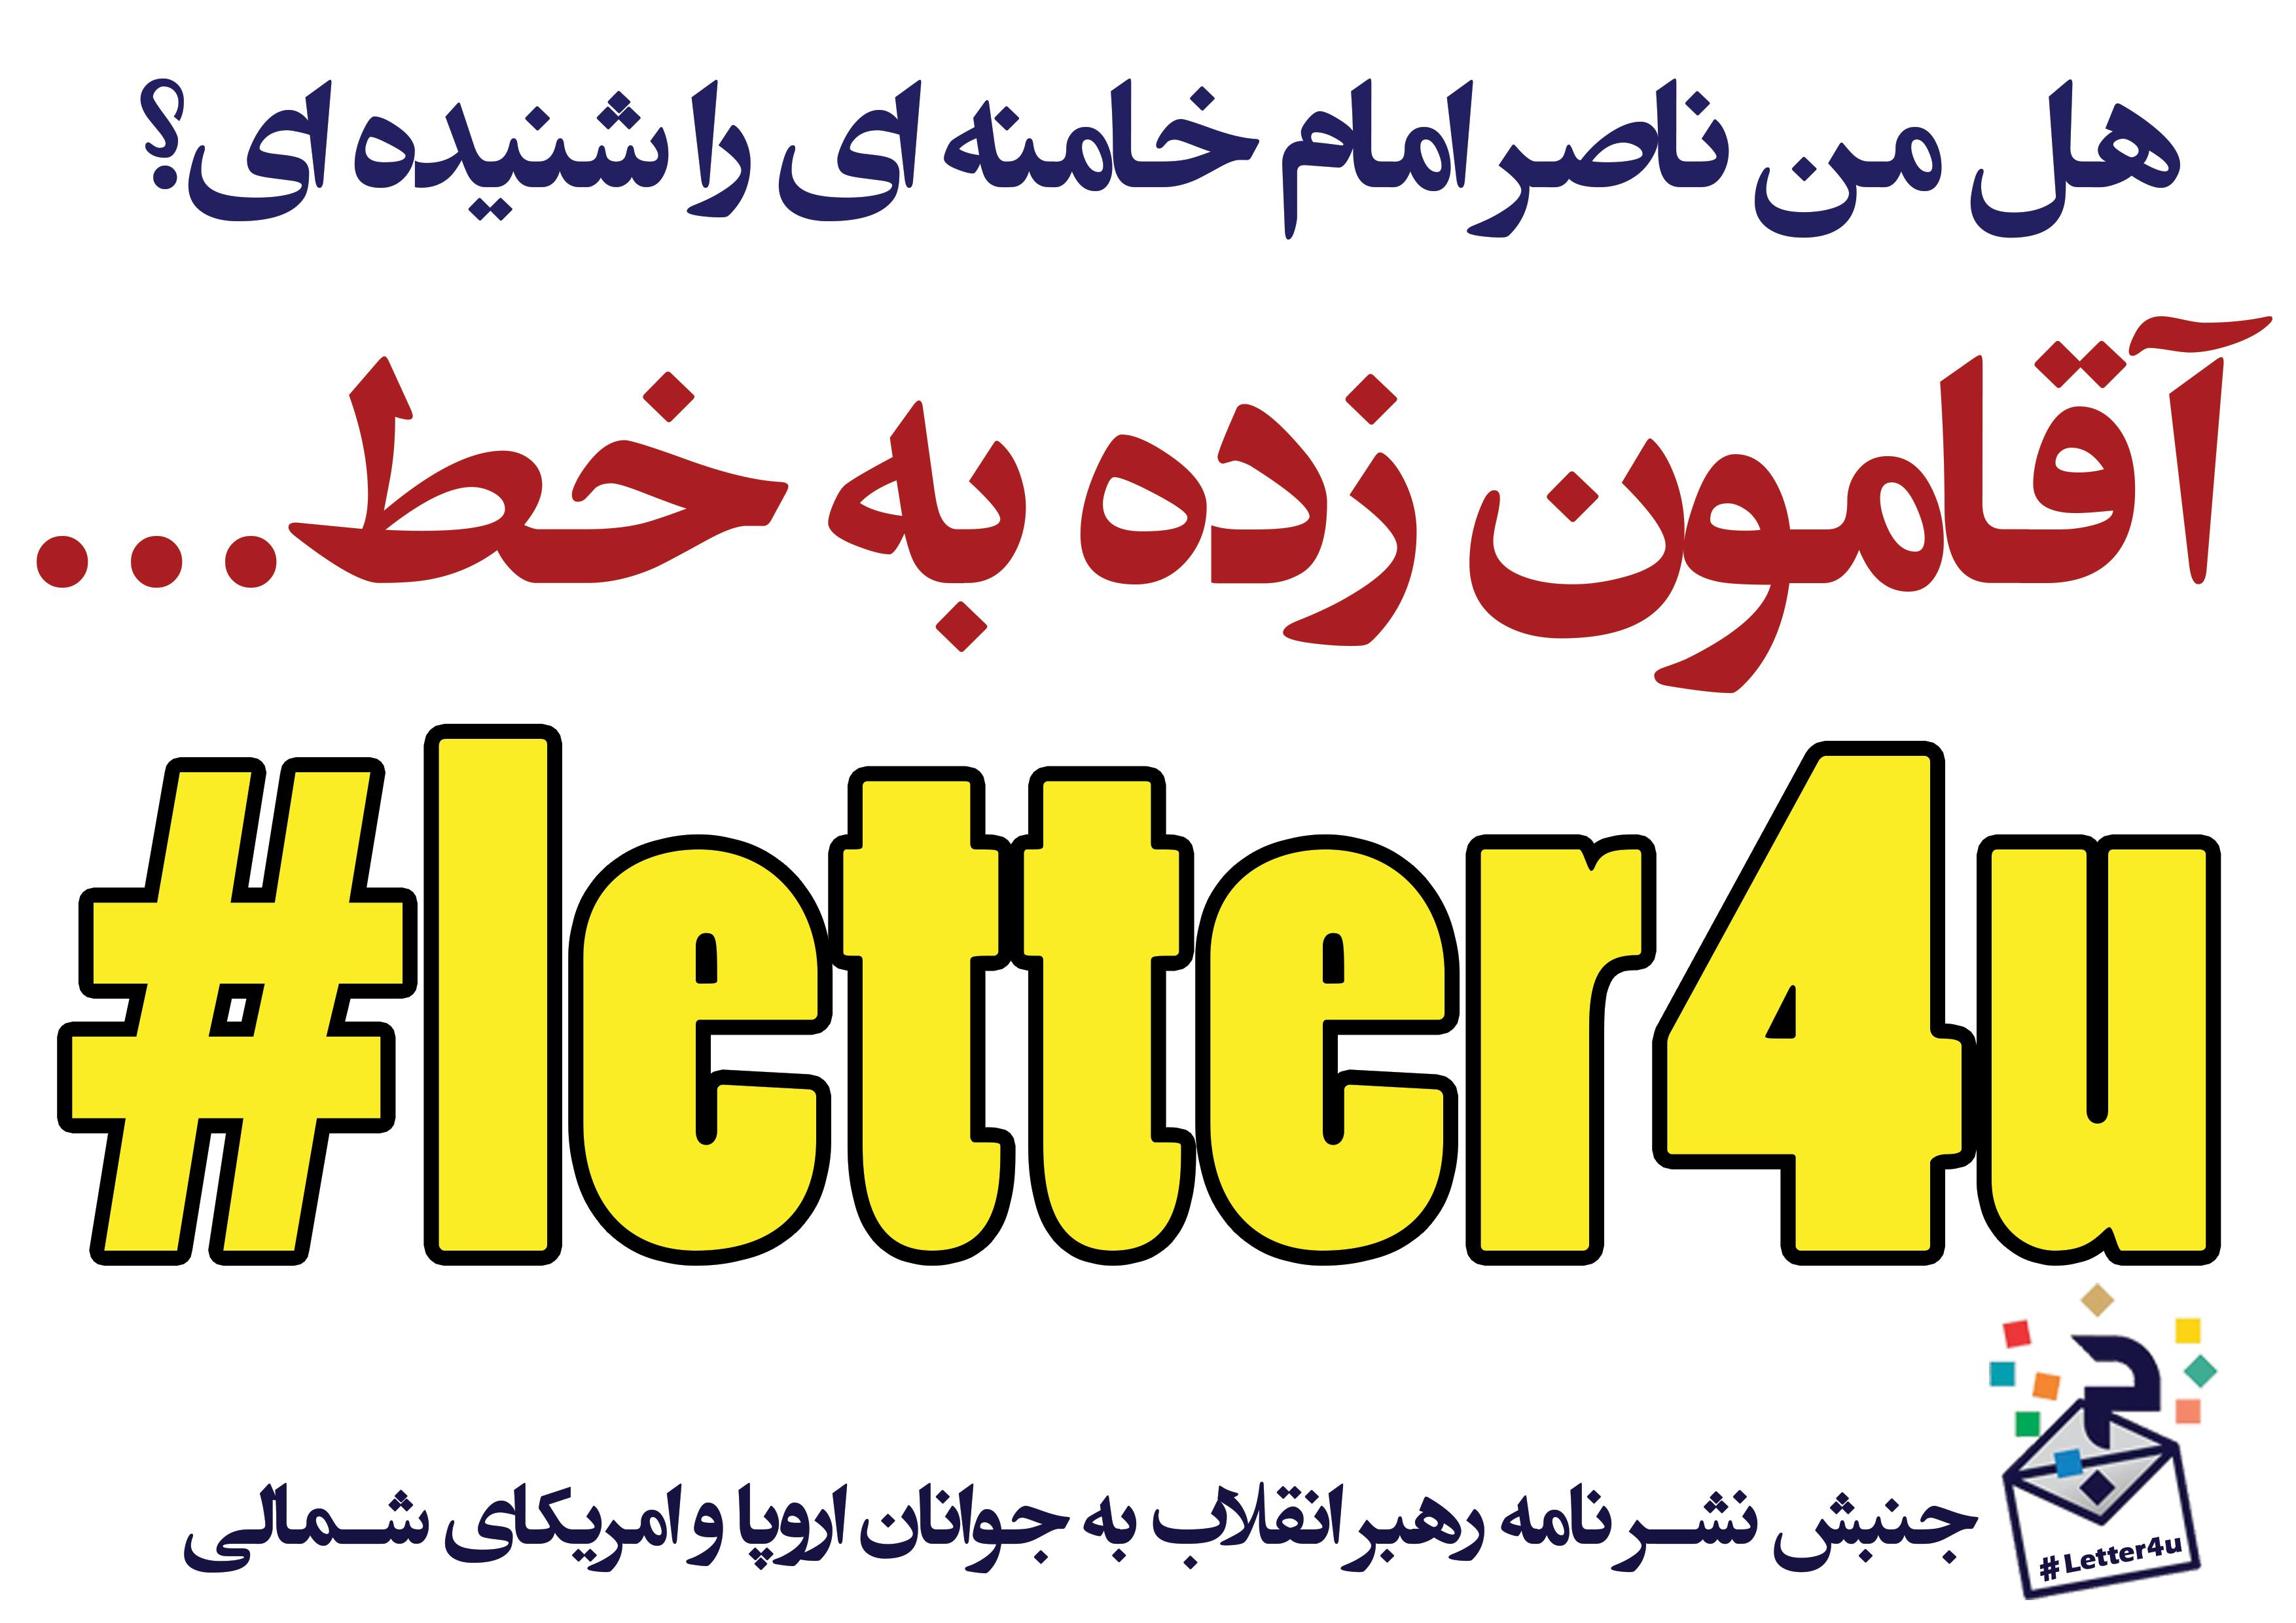 letter4u-22bahman-1